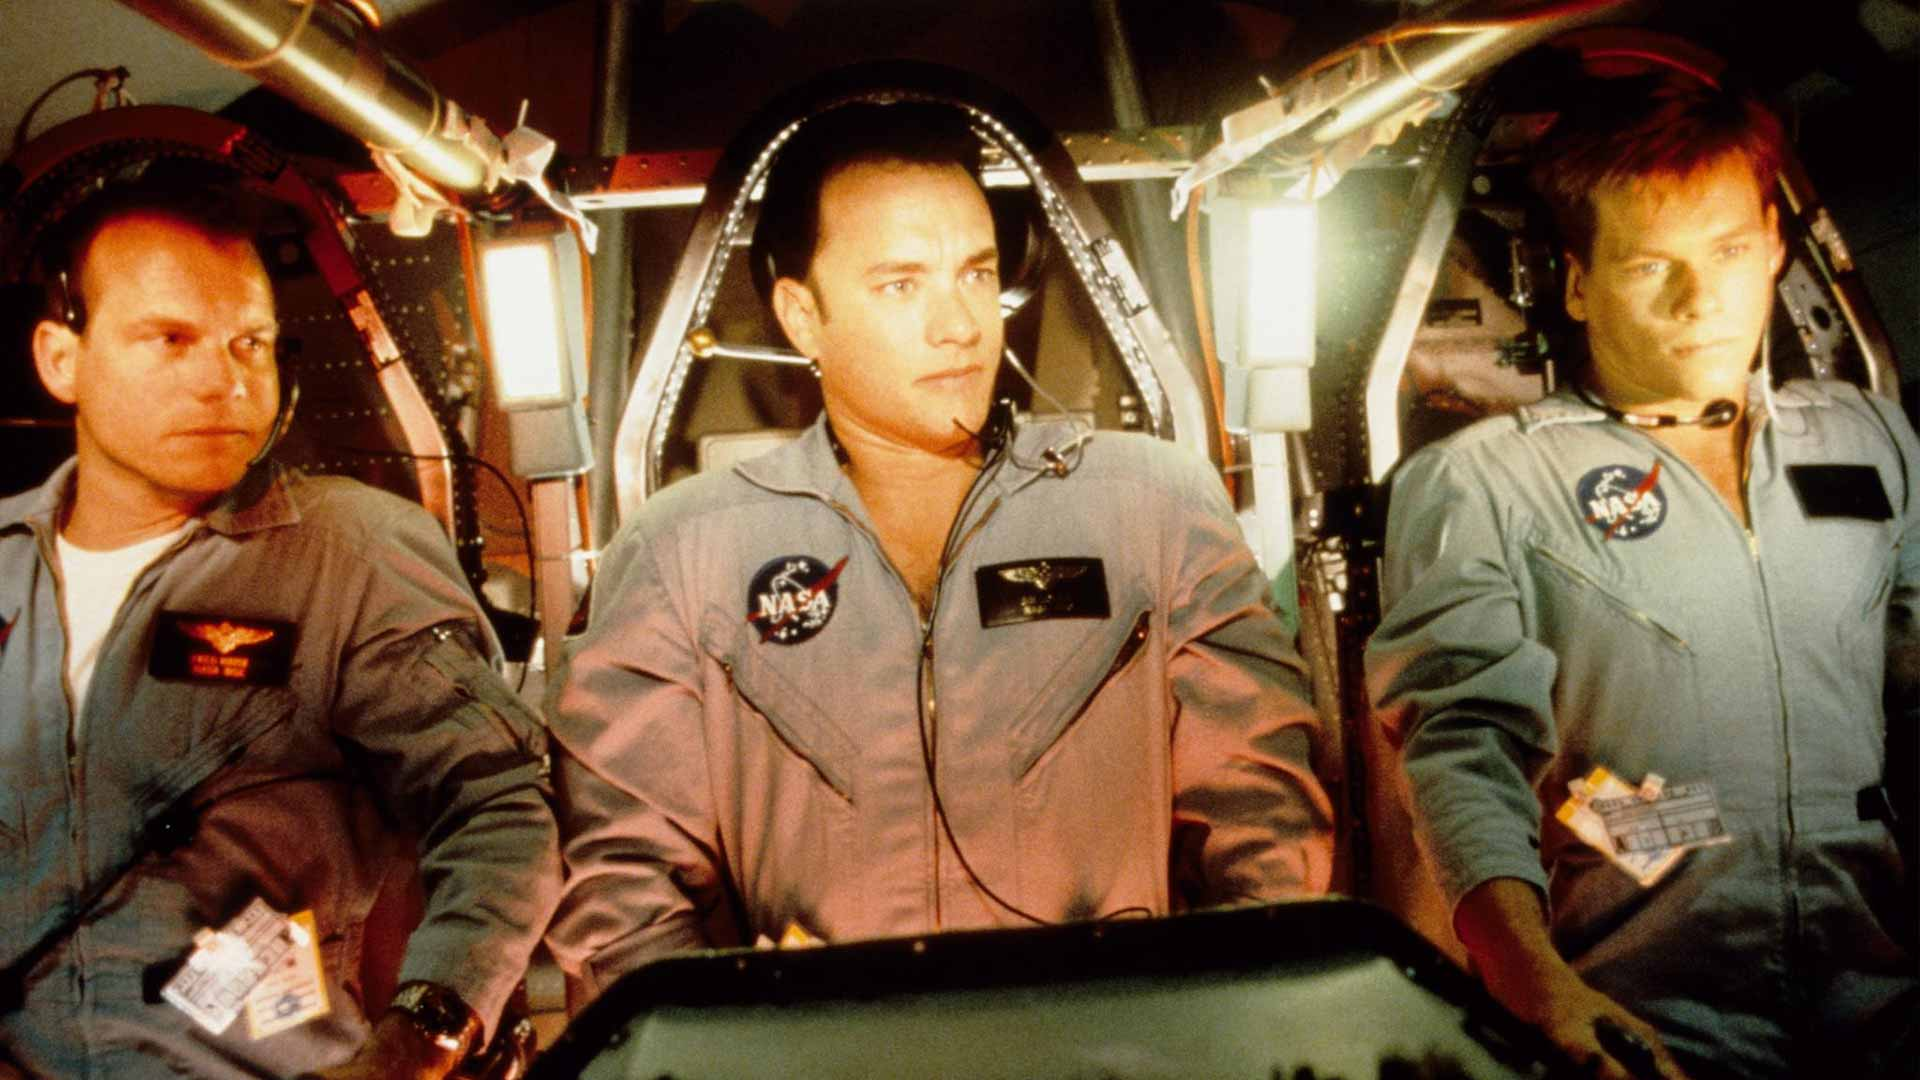 Scena iz filma Apolo 13